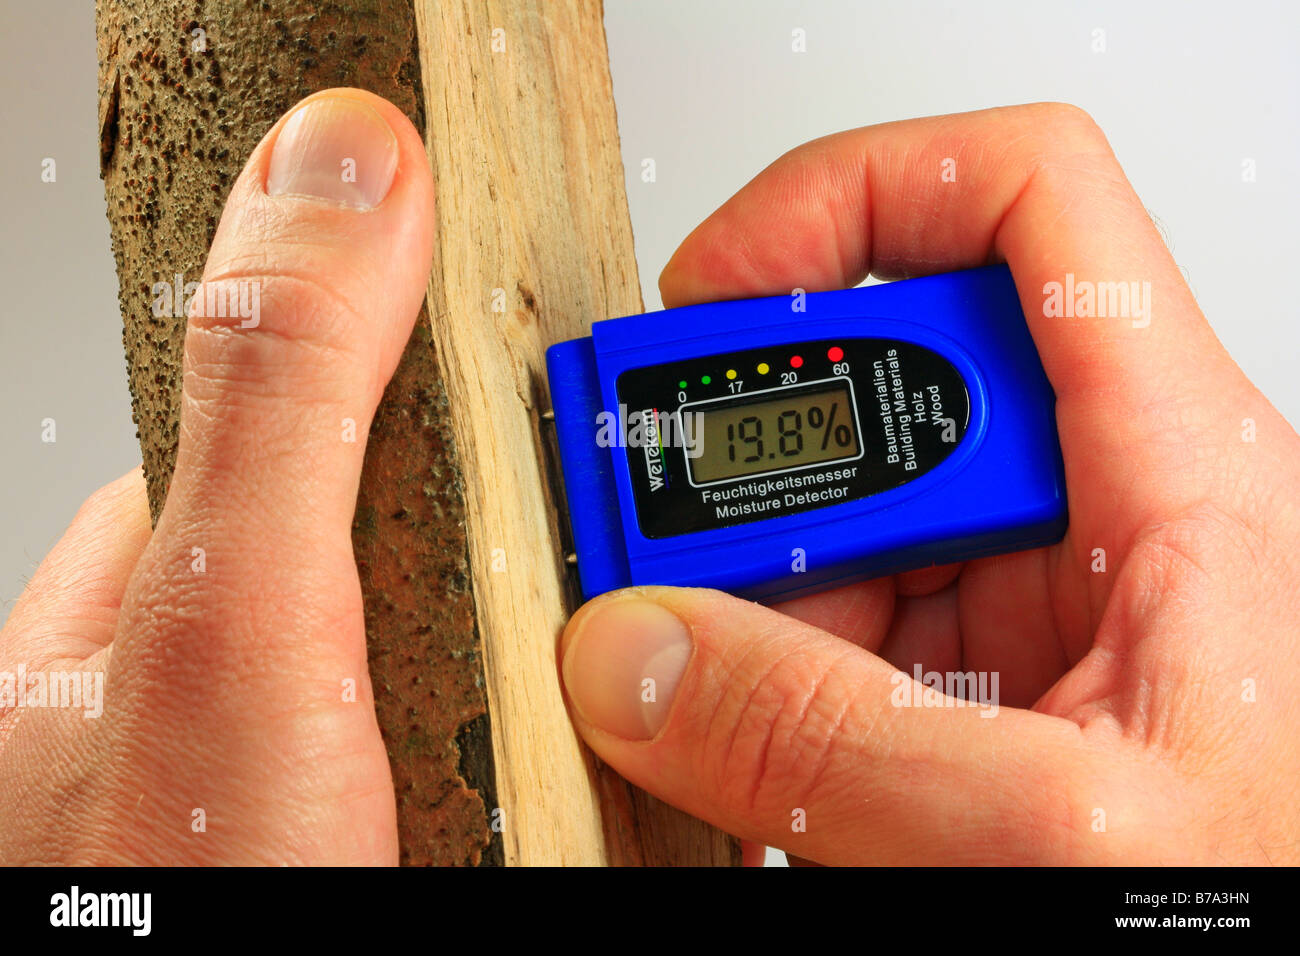 La misurazione del contenuto di umidità del legno di fuoco con uno strumento di misurazione, il valore ottimale Immagini Stock